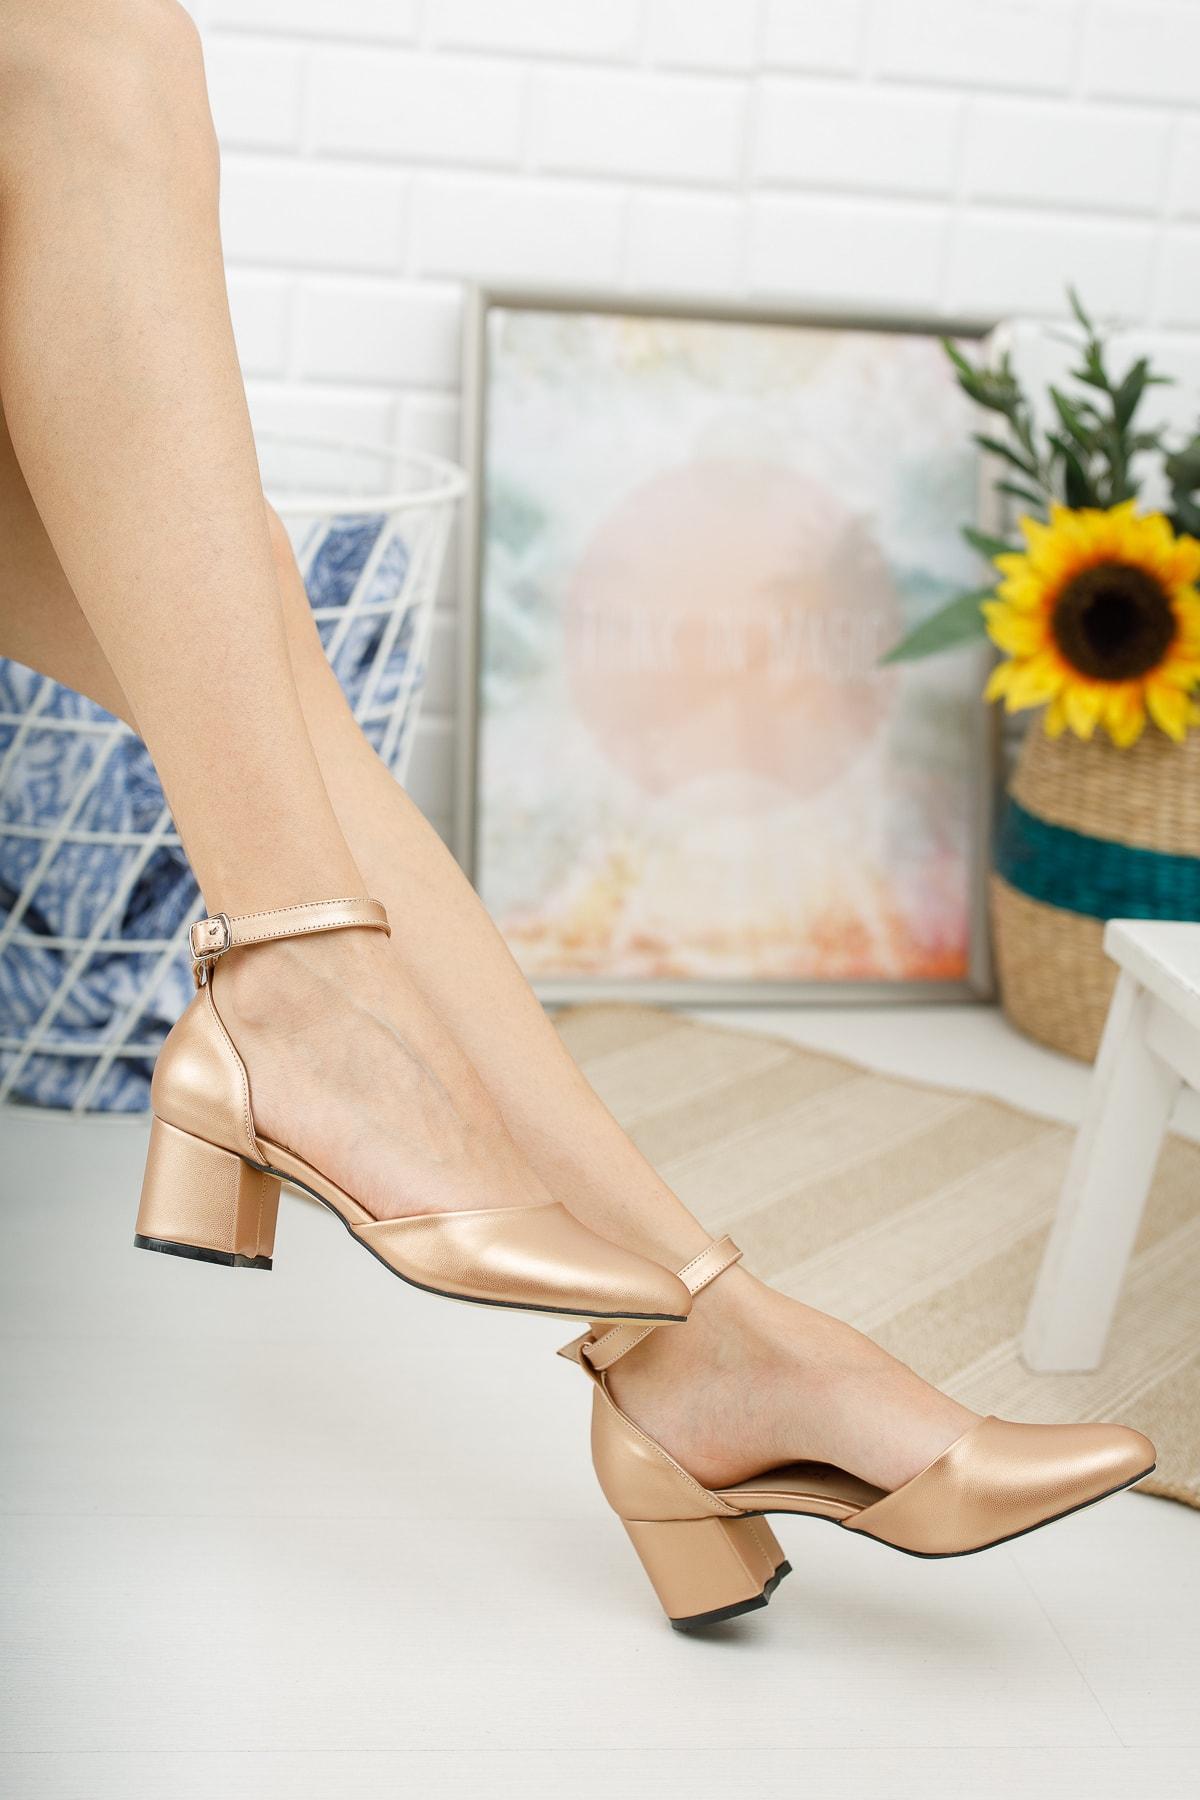 ® Gold Cilt Bilekten Tek Bant Kalın Topuklu Klasik Ayakkabı